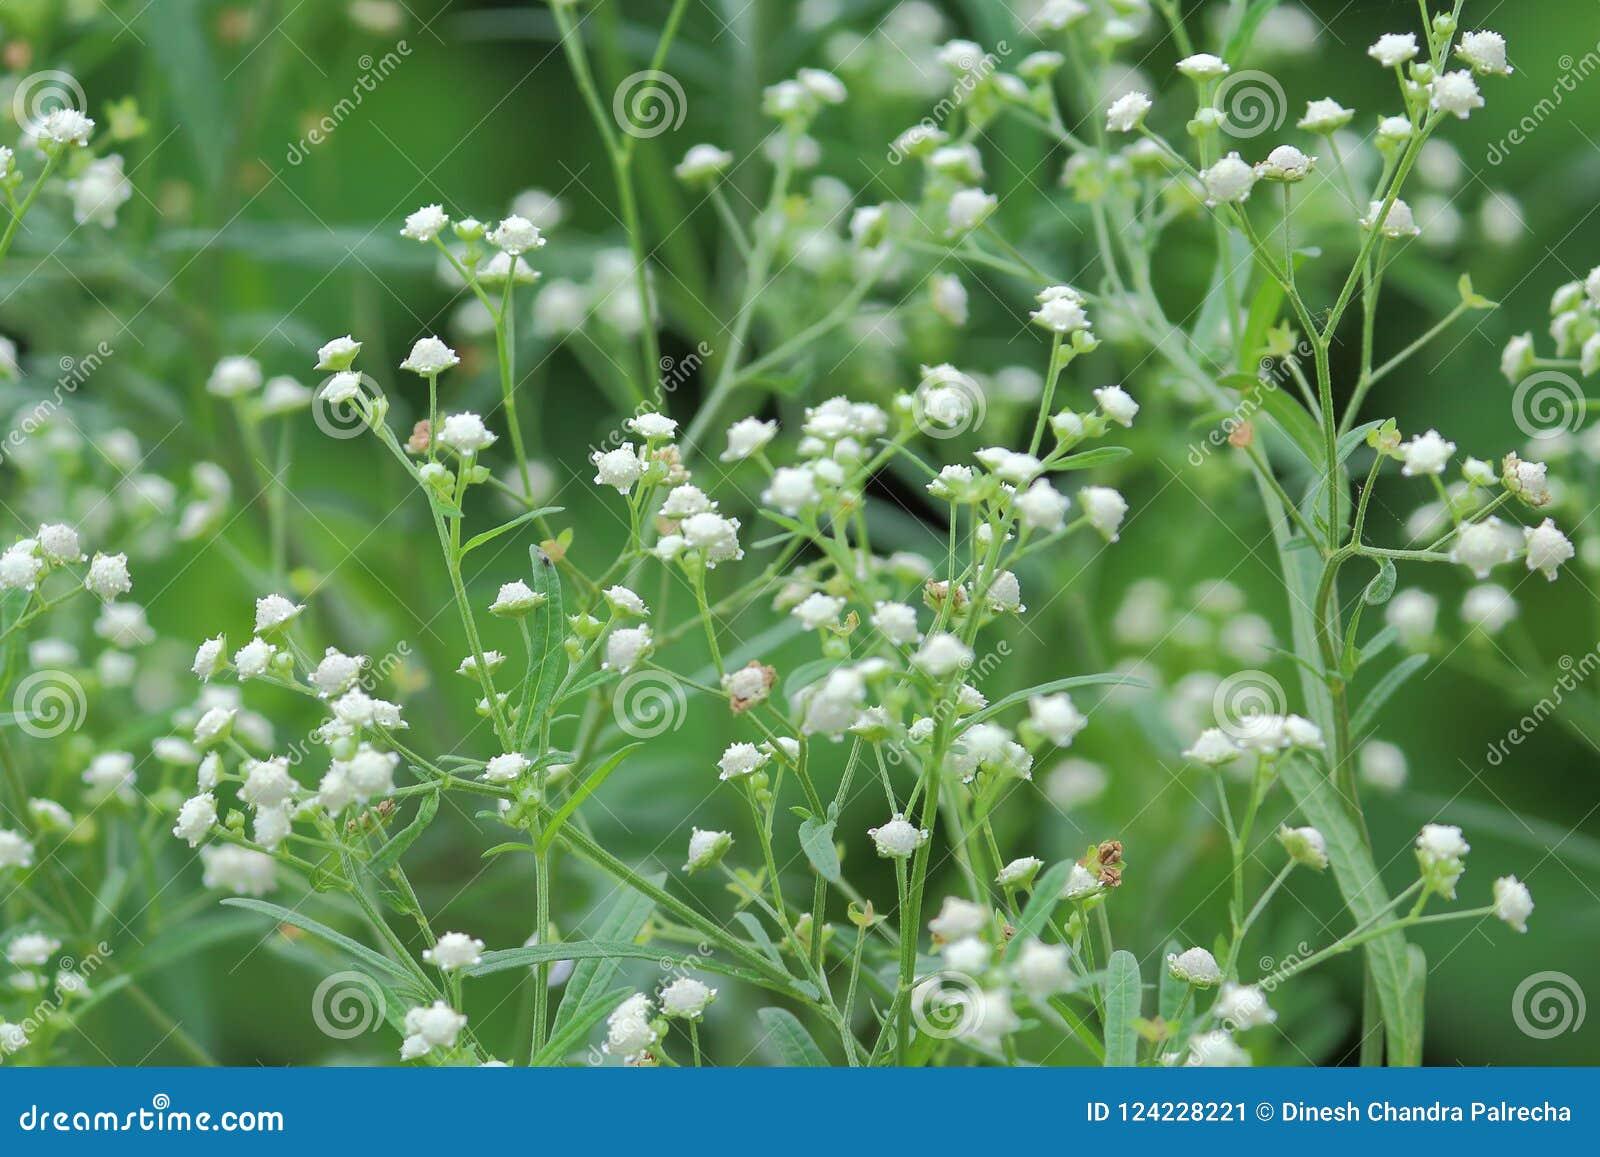 Planta Silvestre De La Flor Blanca Imagen De Archivo Imagen De